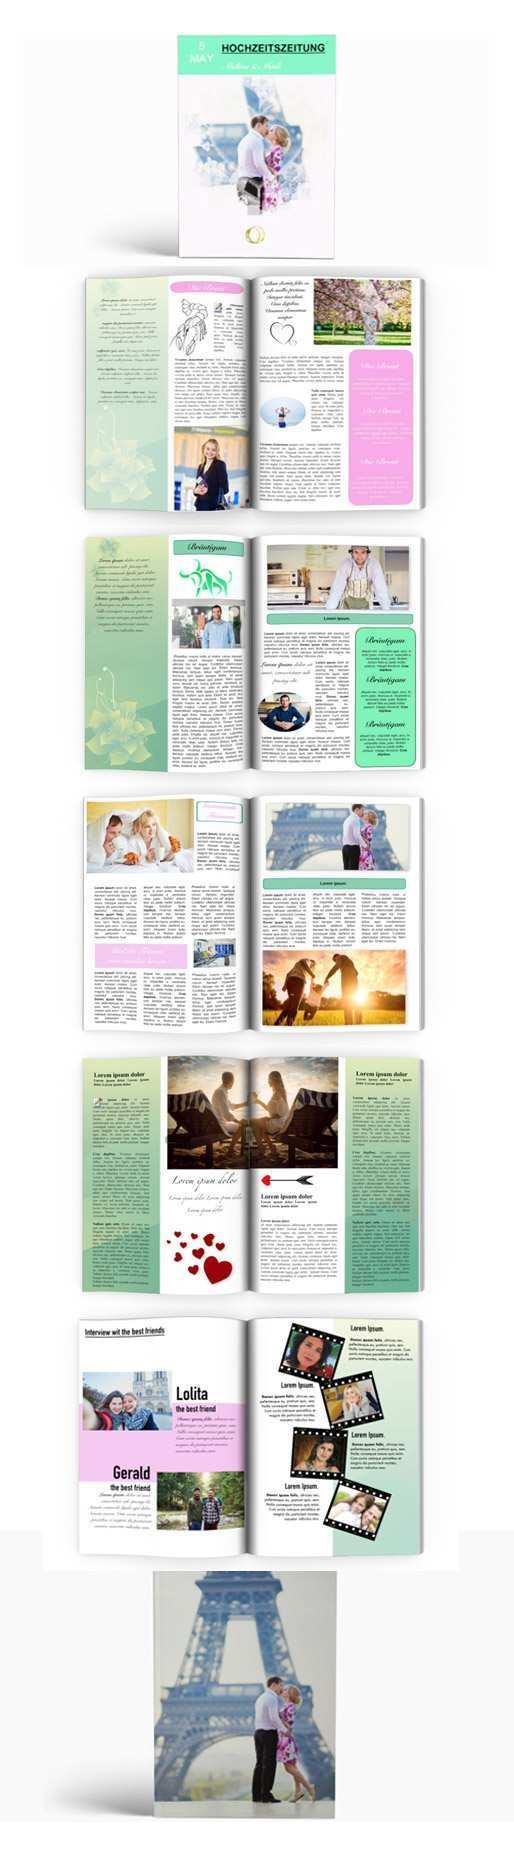 Hochzeitszeitung Vorlage Hochzeitszeitung Hochzeitszeitung Ideen Hochzeit